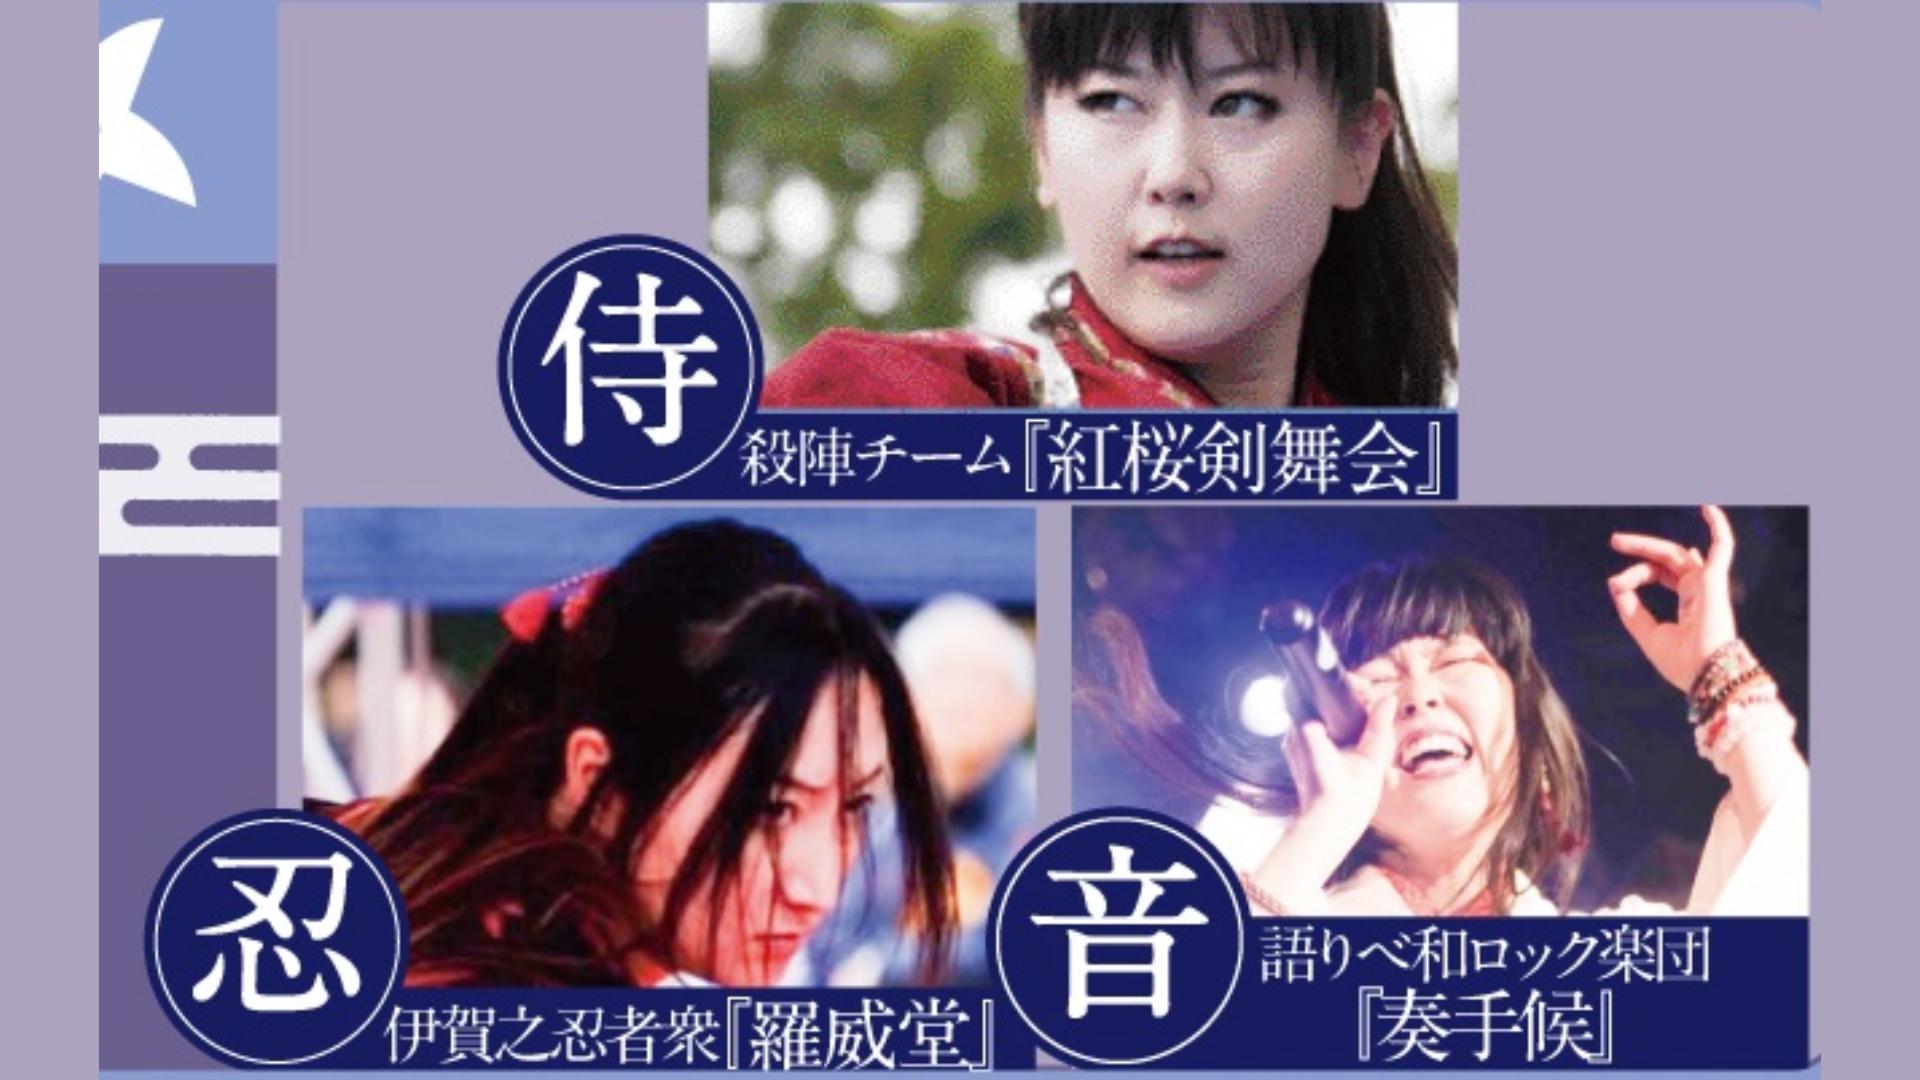 羅威堂×紅桜剣舞会×奏手候2021年5月合同公演